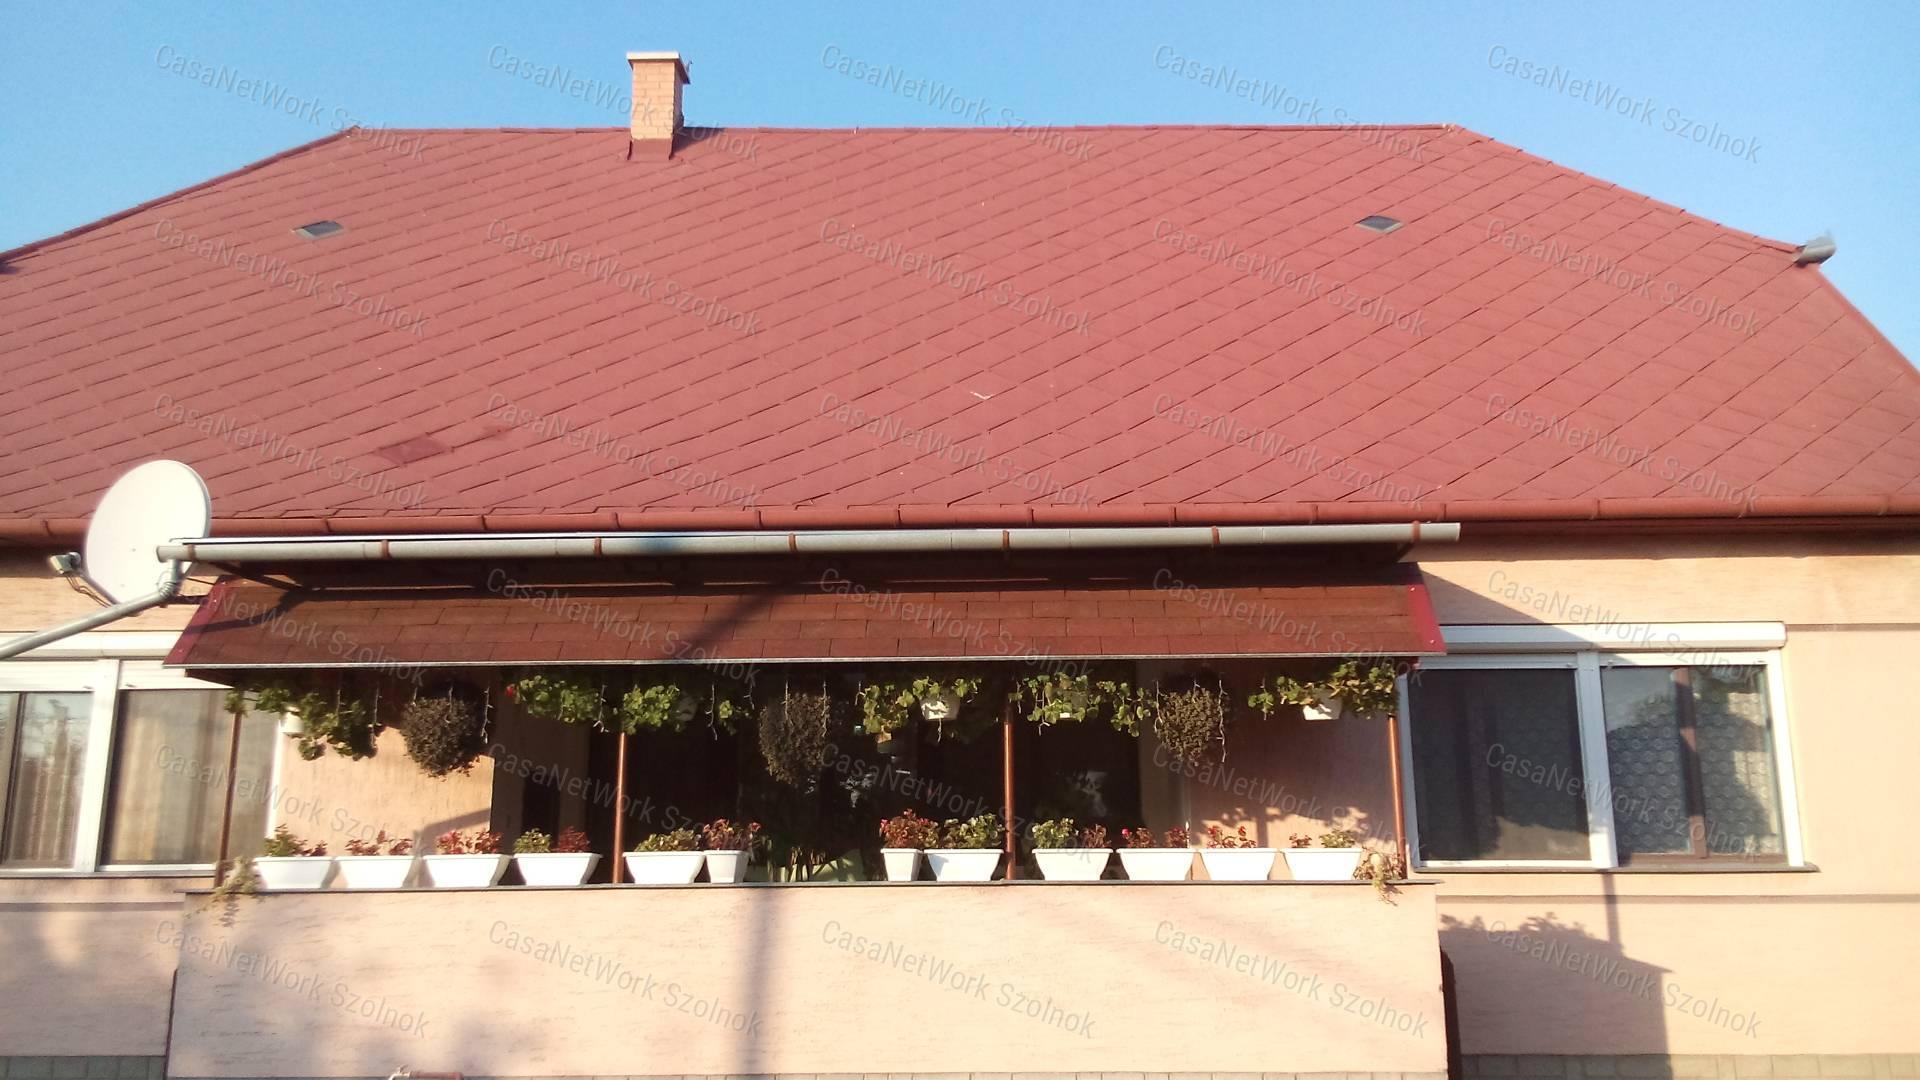 Eladó családi ház, Jász-Nagykun-Szolnok megye, Tiszaföldvár - sz.: 155802407 - CasaNetWork.hu